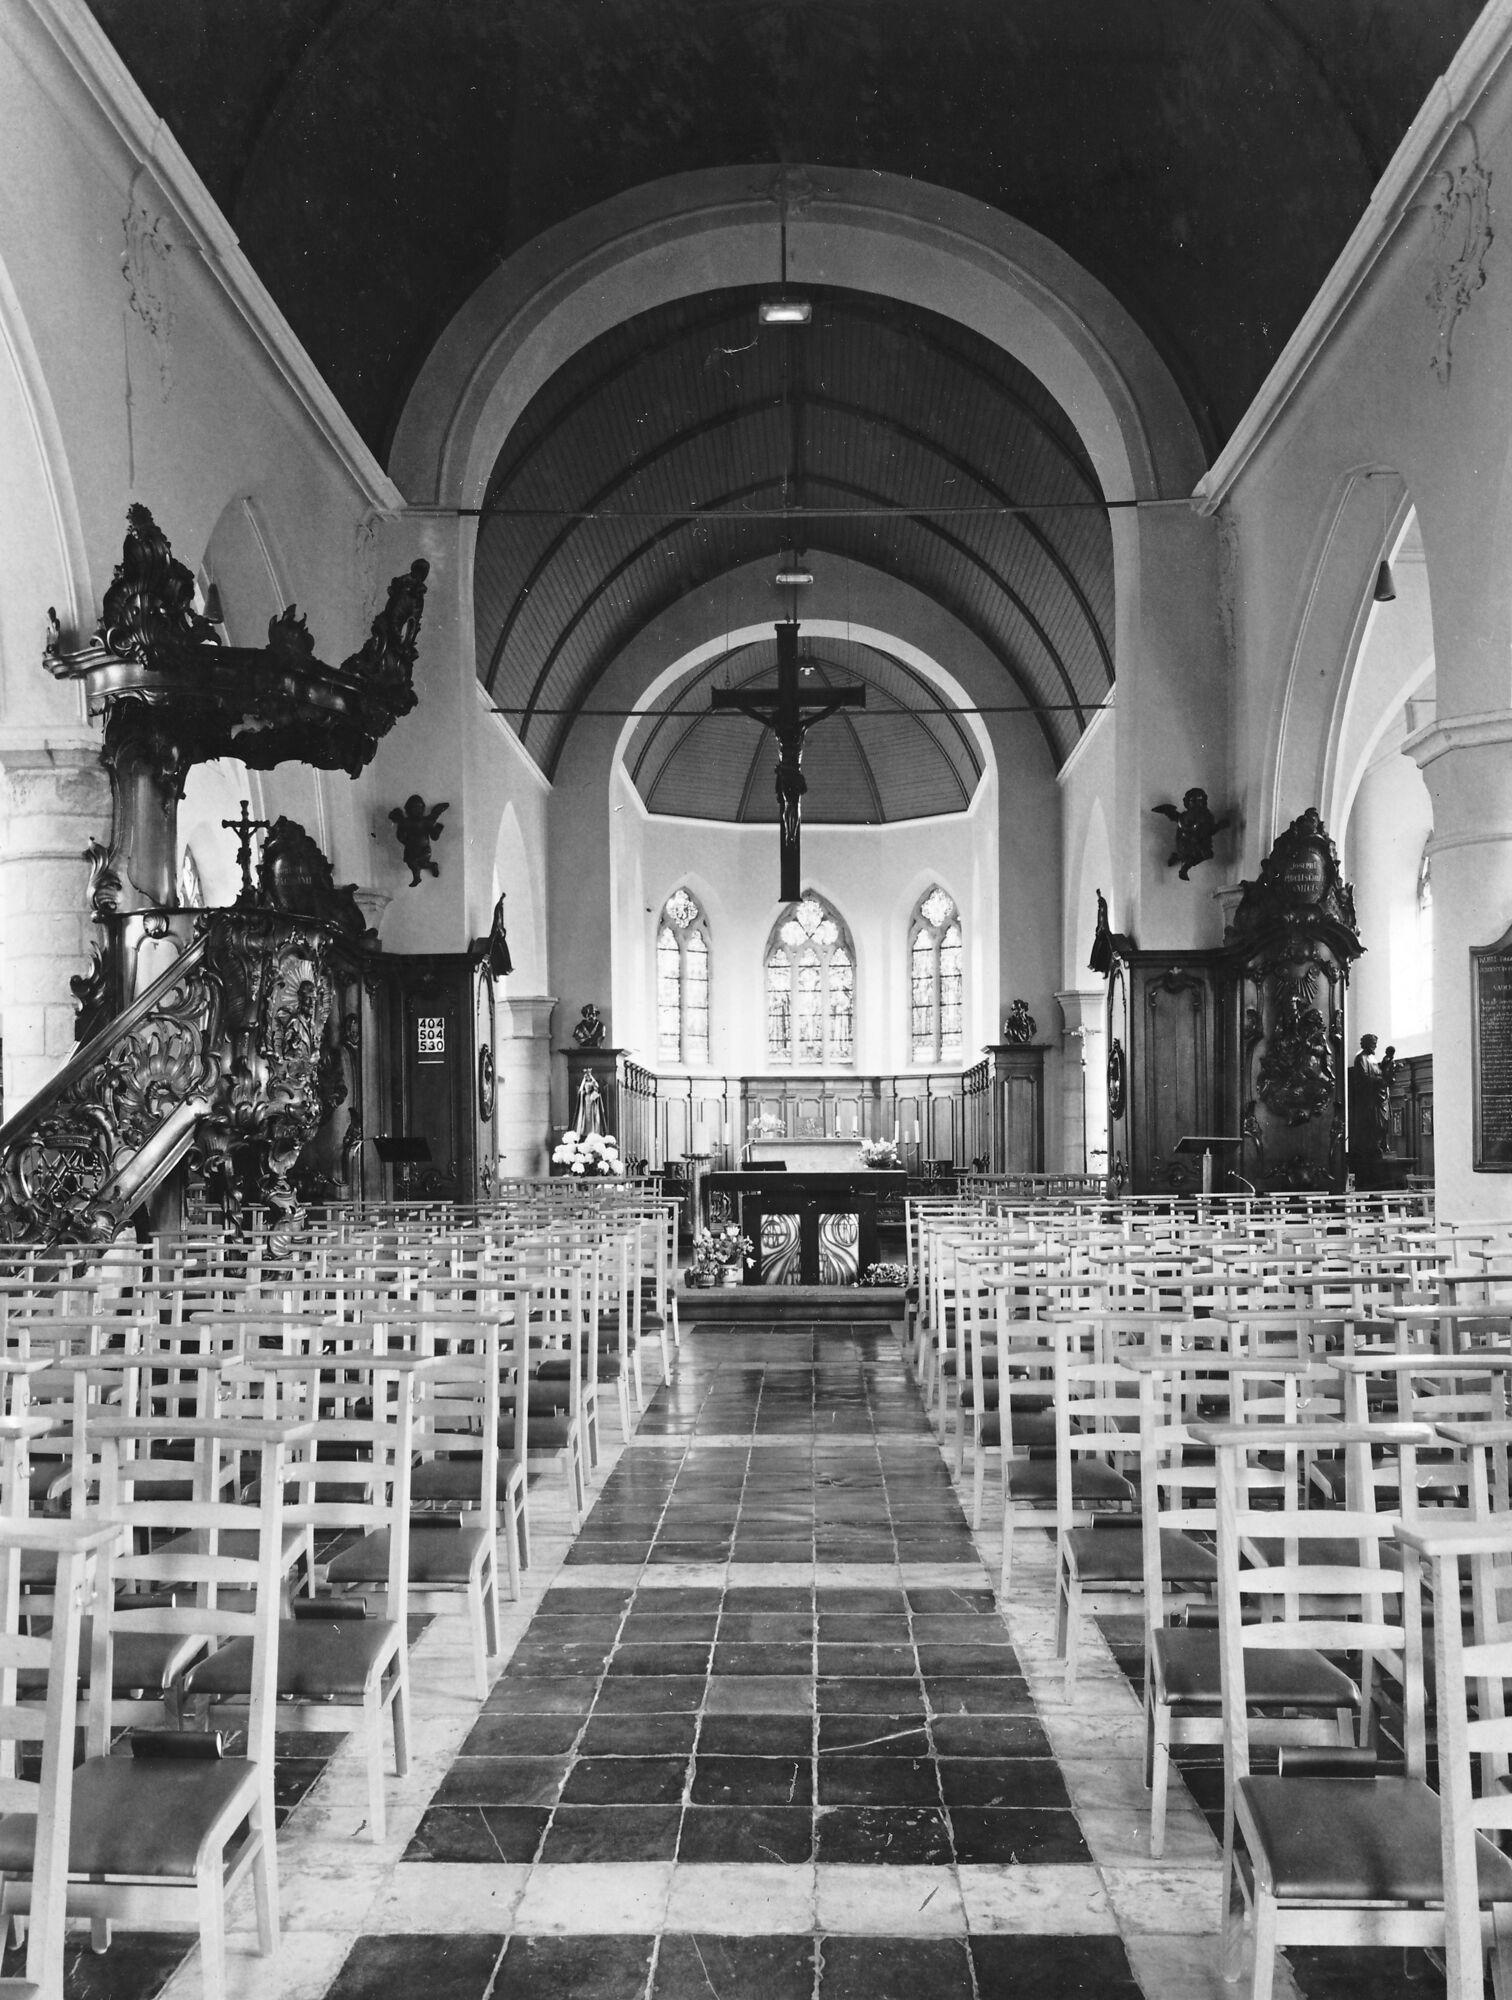 Binnenzijde kerk Deftinge